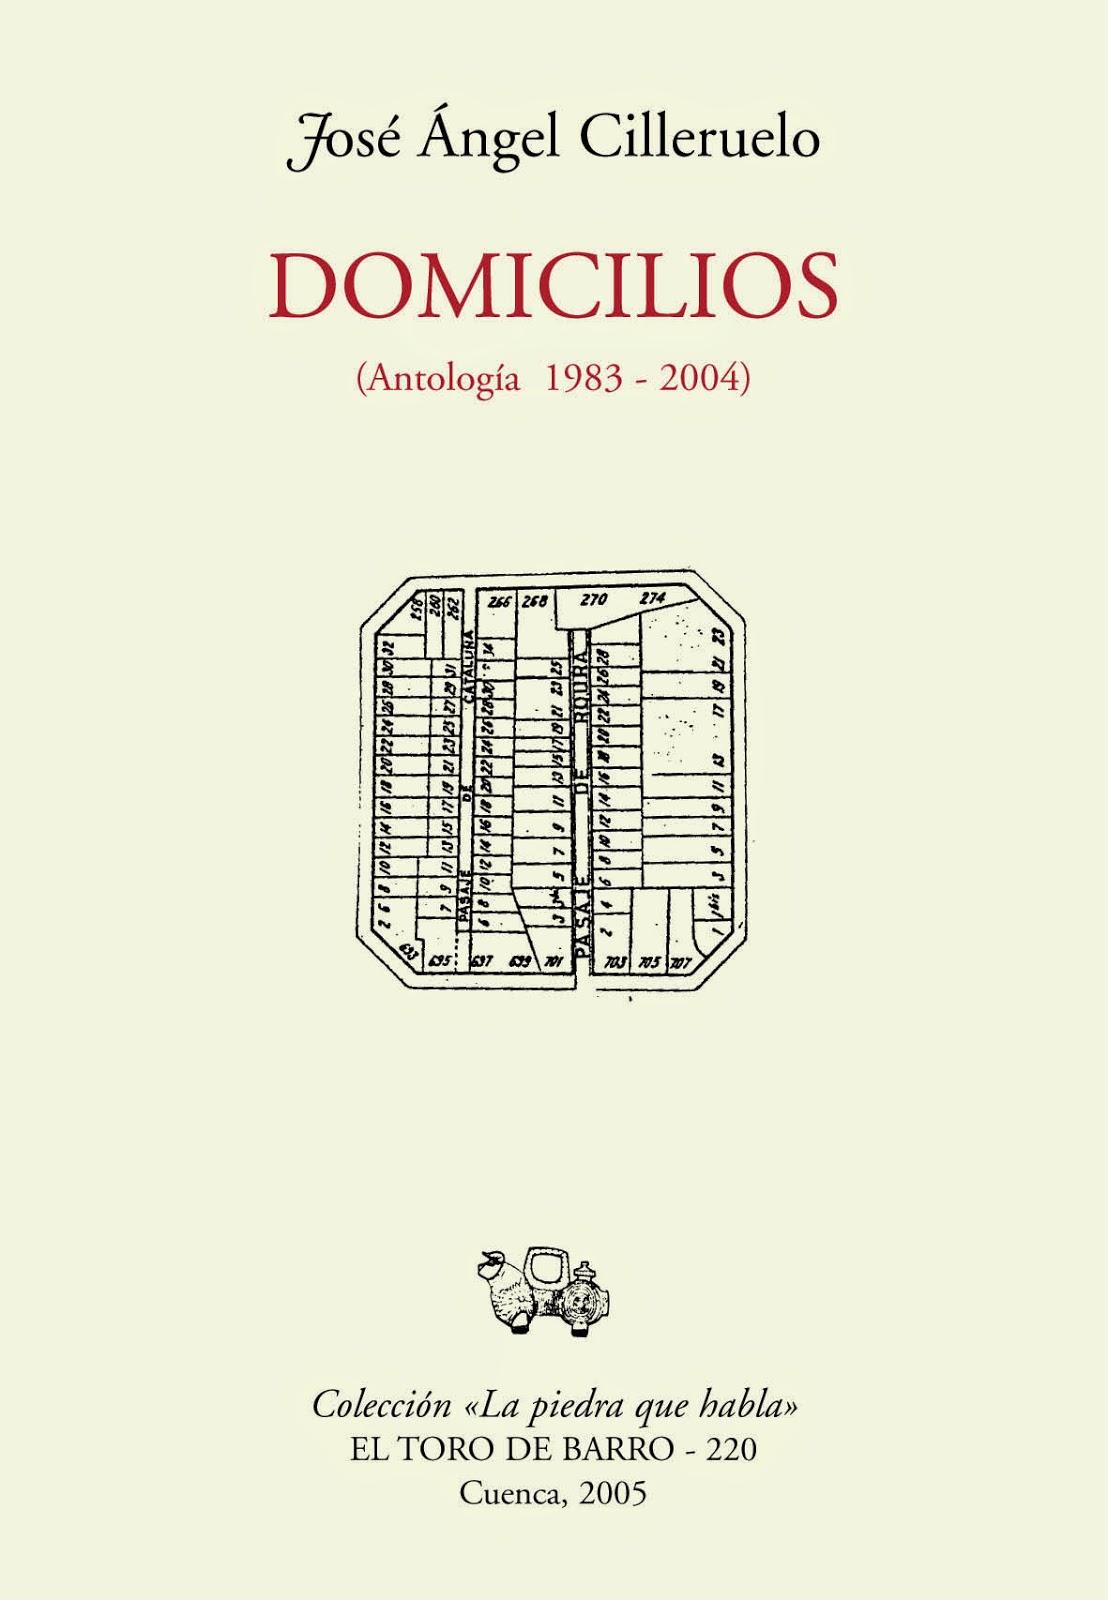 José Ángel Cilleruelo, Domicilios. Antología (1983-2004)  Col. «La piedra que habla» Ed. El Toro de Barro, Carlos Morales ed. Tarancón de Cuenca, 2005. edicioneseltorodebarro@yahoo.es PVP 10 euros